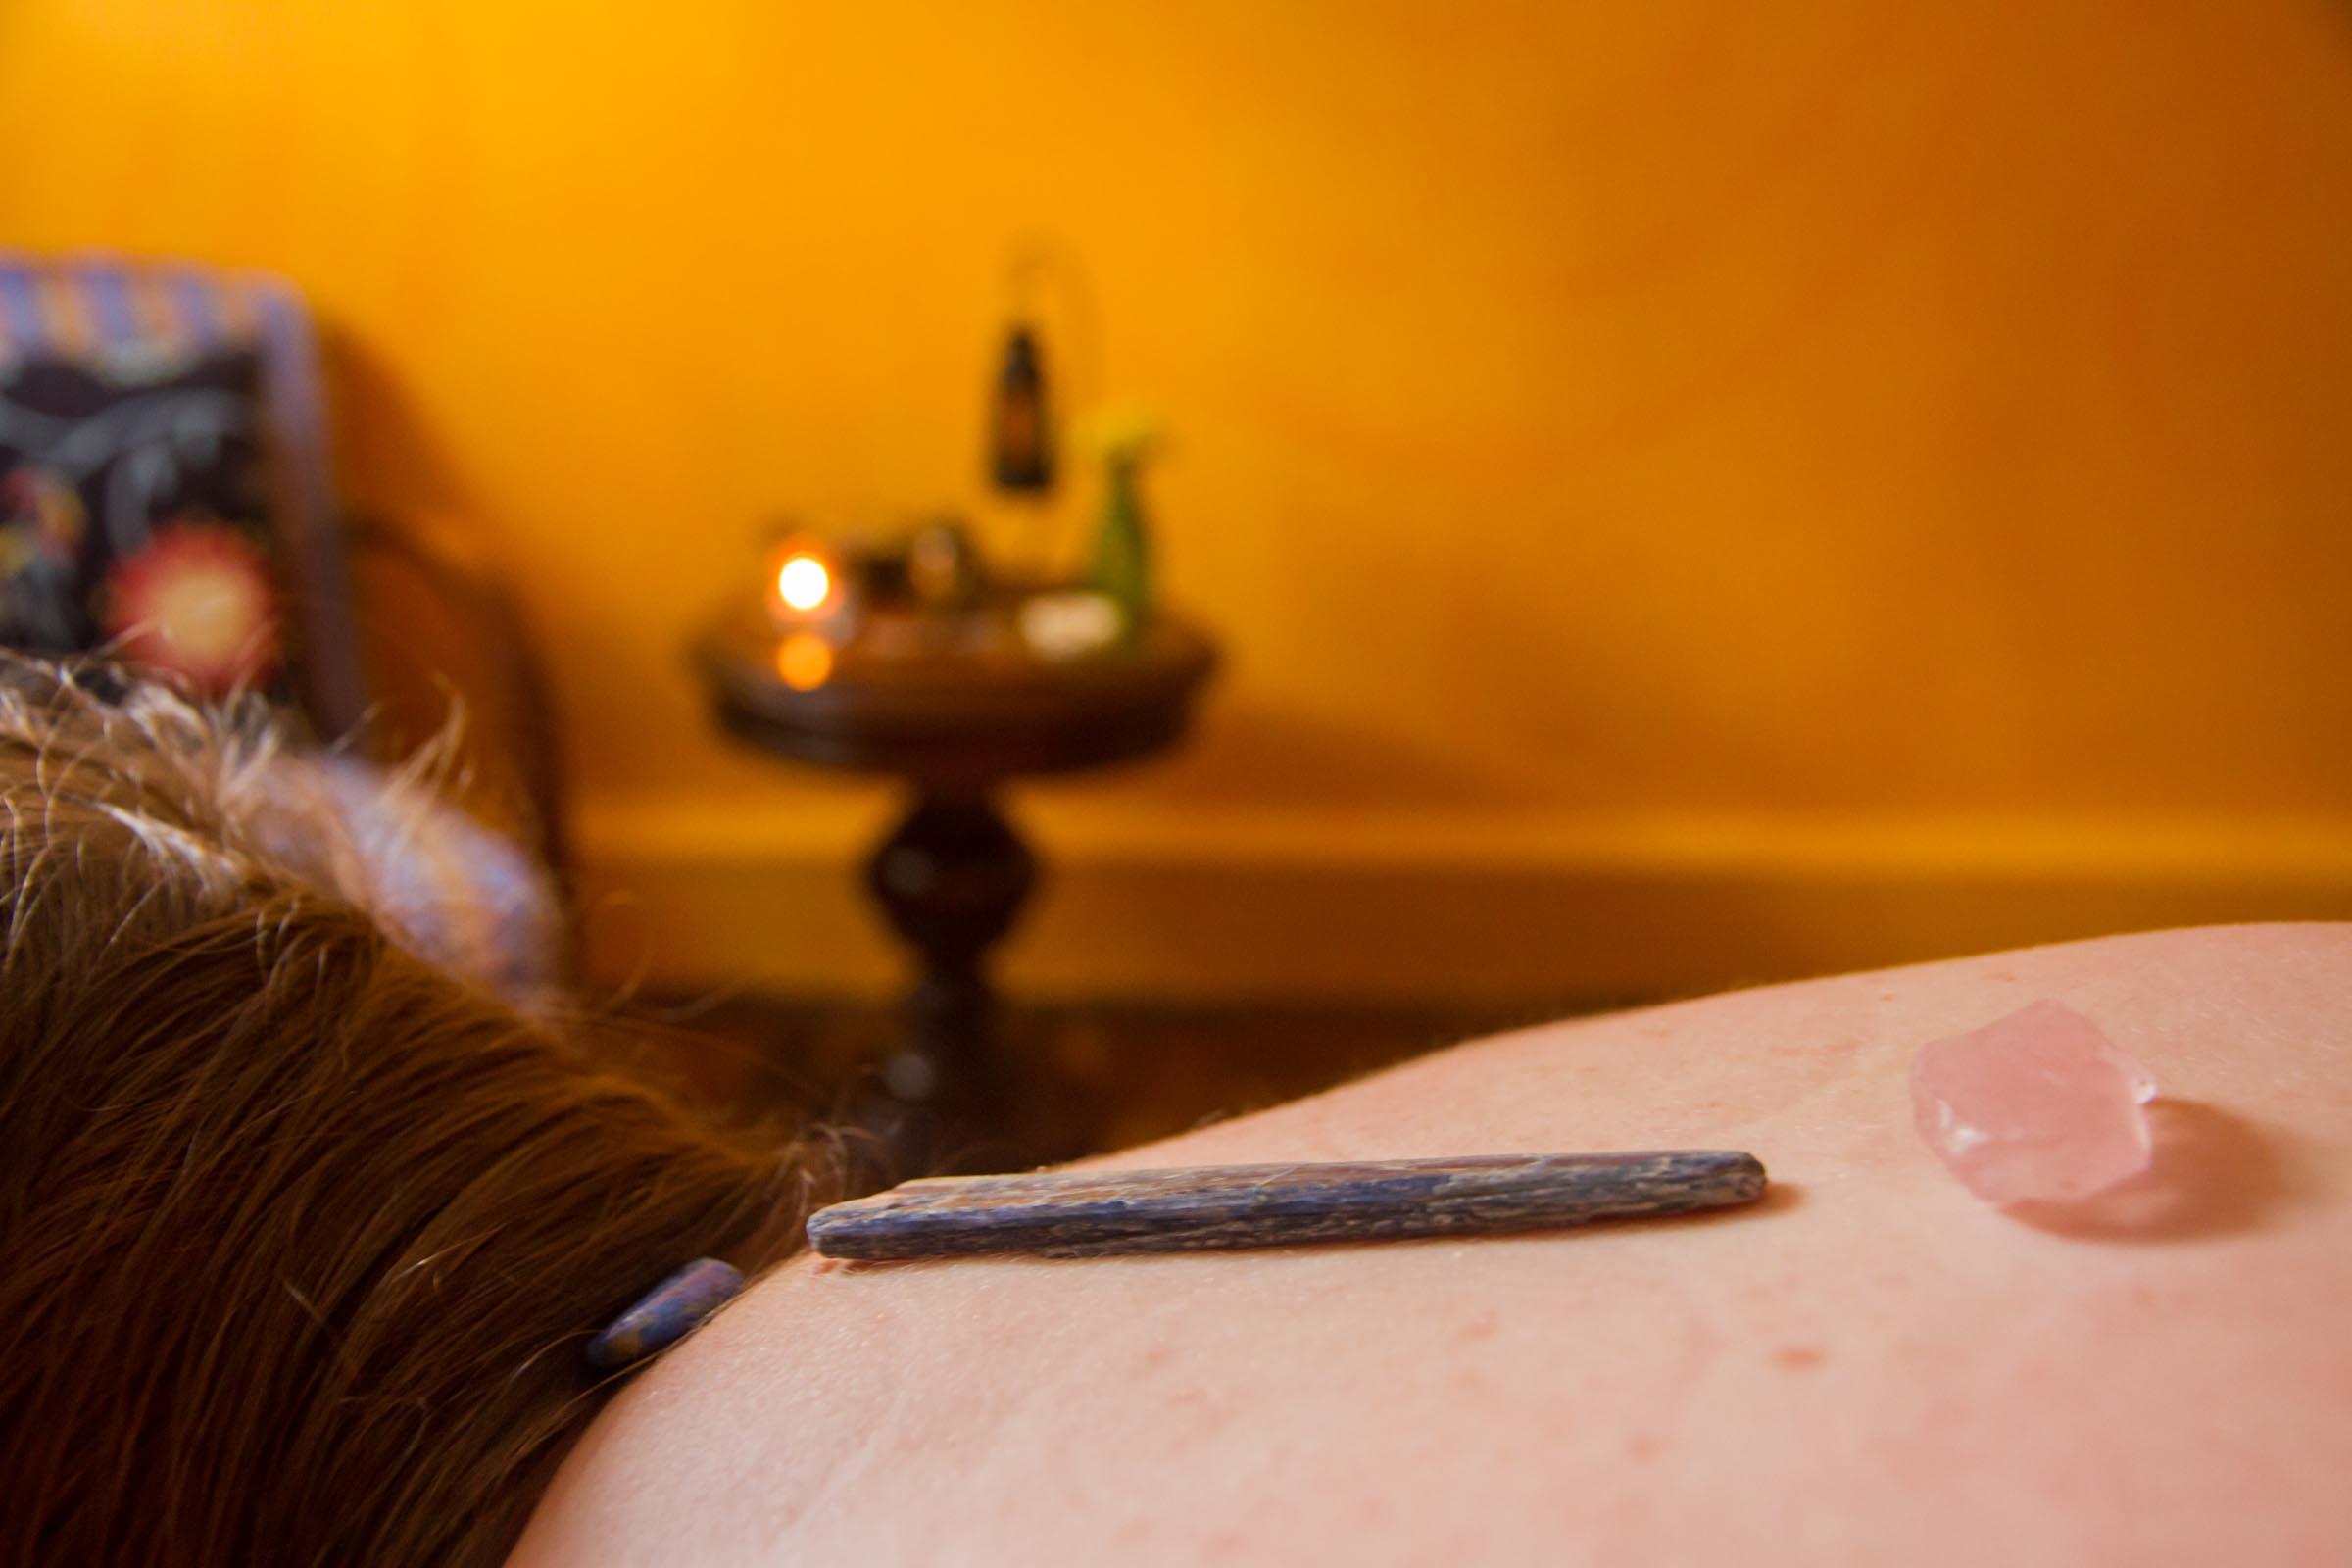 Terapia com cristais